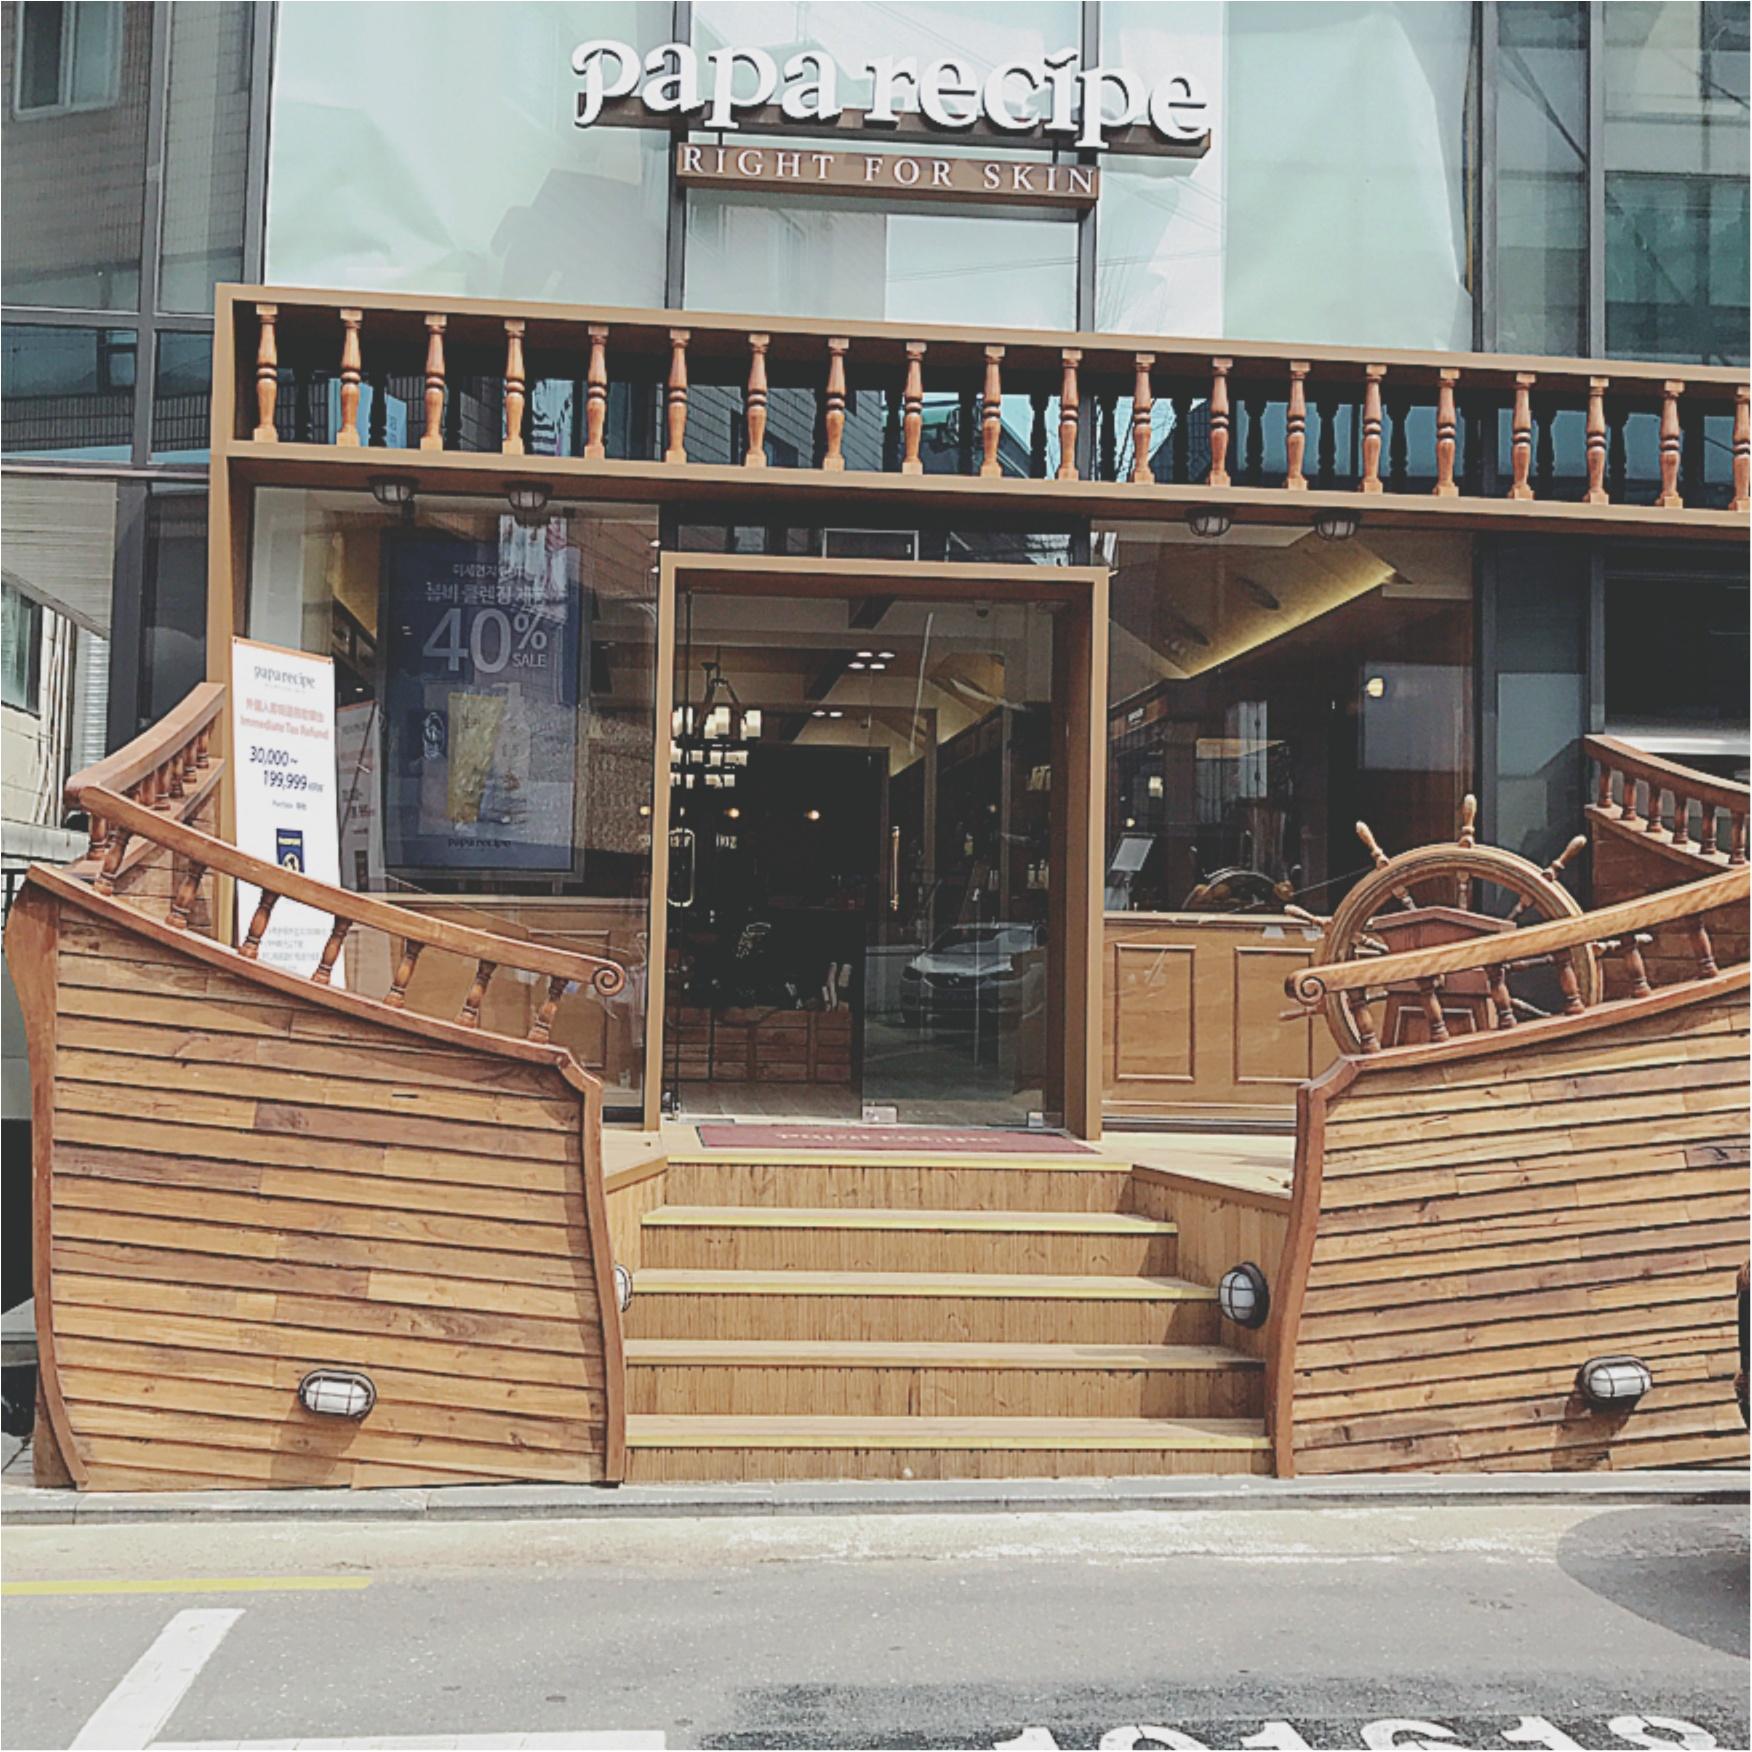 ★写真を撮りたいならココがオススメ!可愛いがたくさん♡韓国のオシャレな街『カロスキルエリア』 は素敵フォトスポット★_2